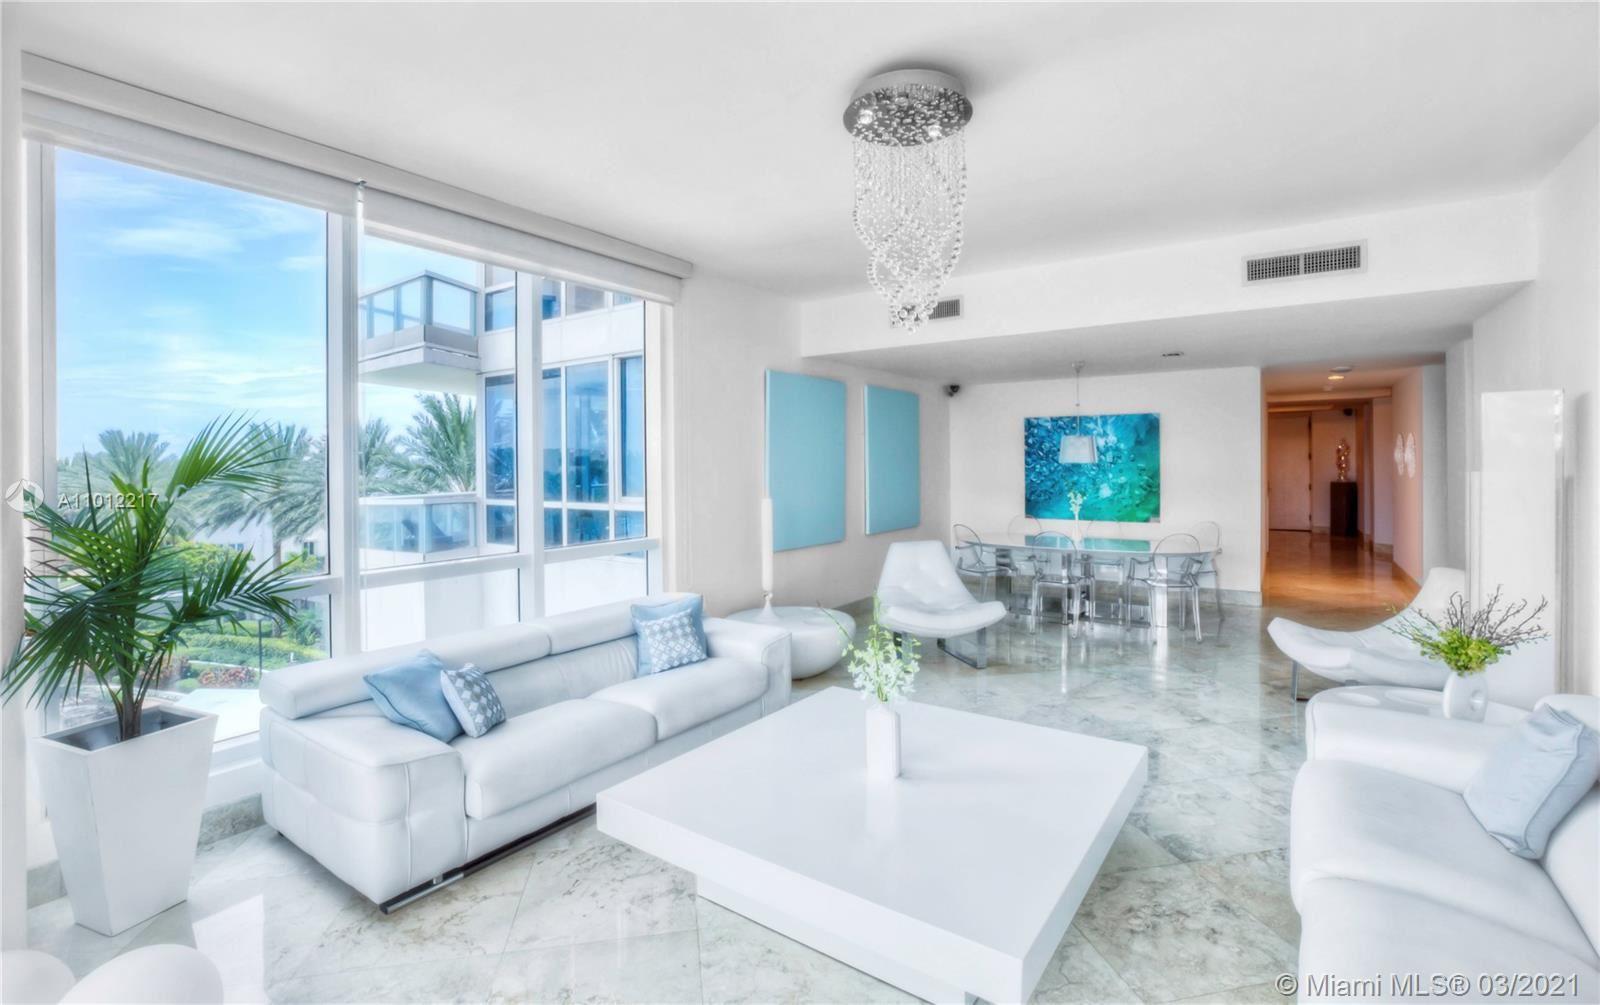 100 S Pointe Dr #510, Miami Beach, FL 33139 - #: A11012217